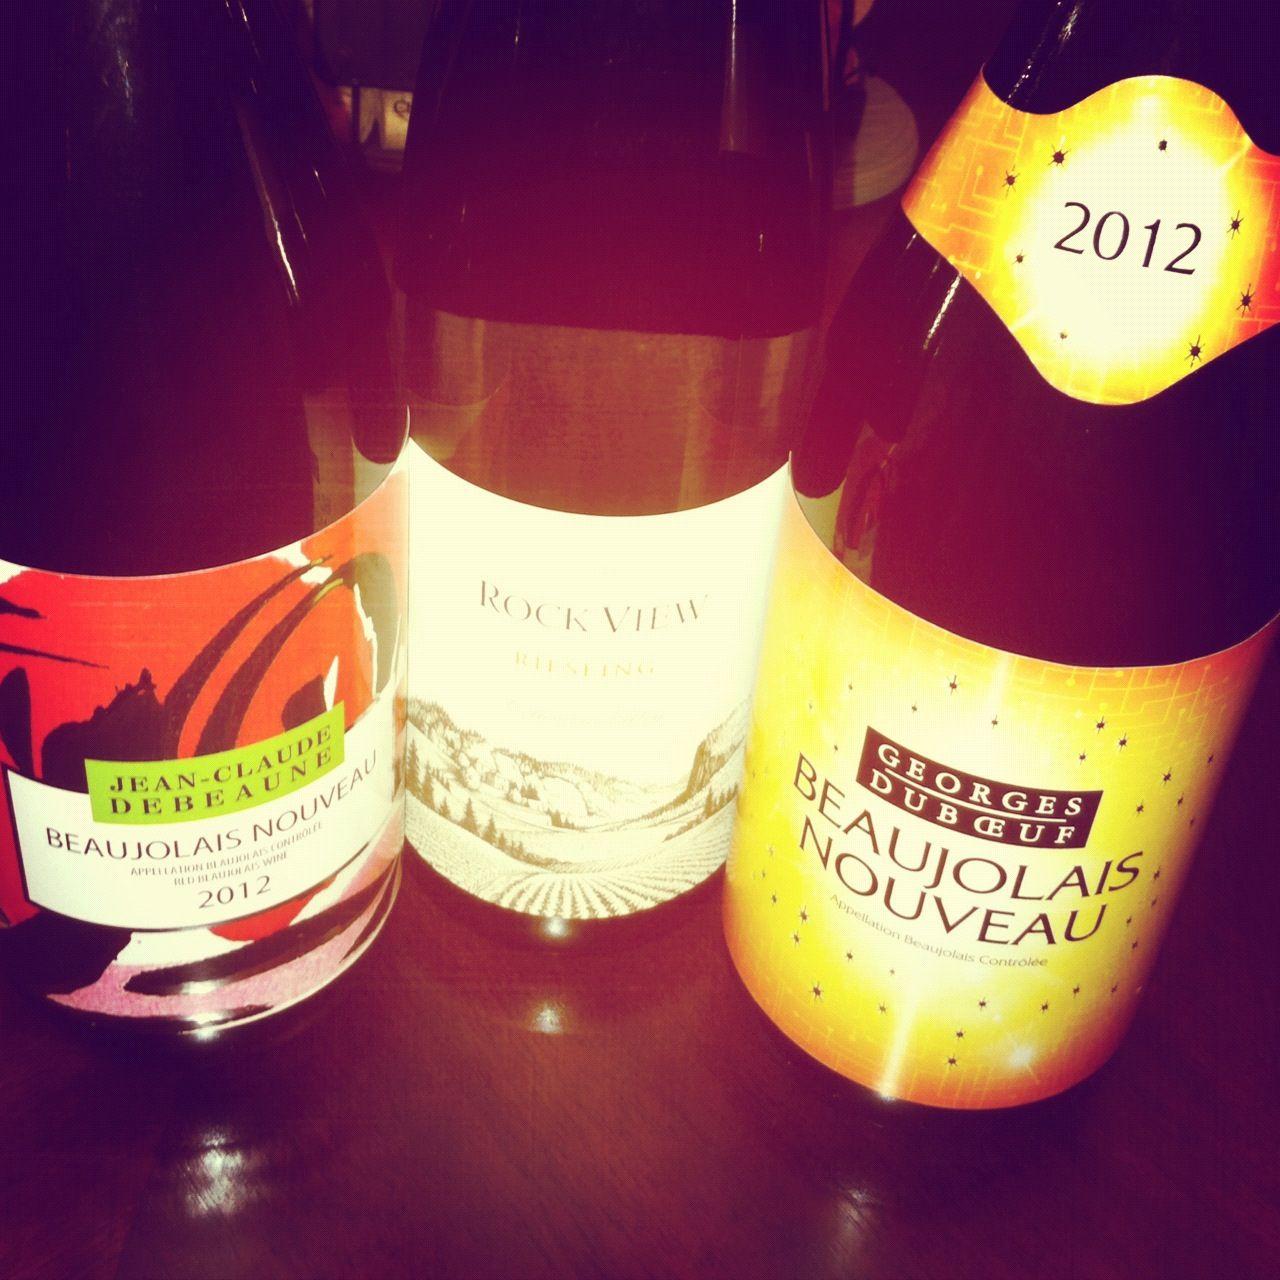 Thanksgiving Vine2try 2012 Http Vino Ista Com 2012 11 19 Vine2try Thanksgiving 2012 Wine Bottle Rose Wine Bottle Vino